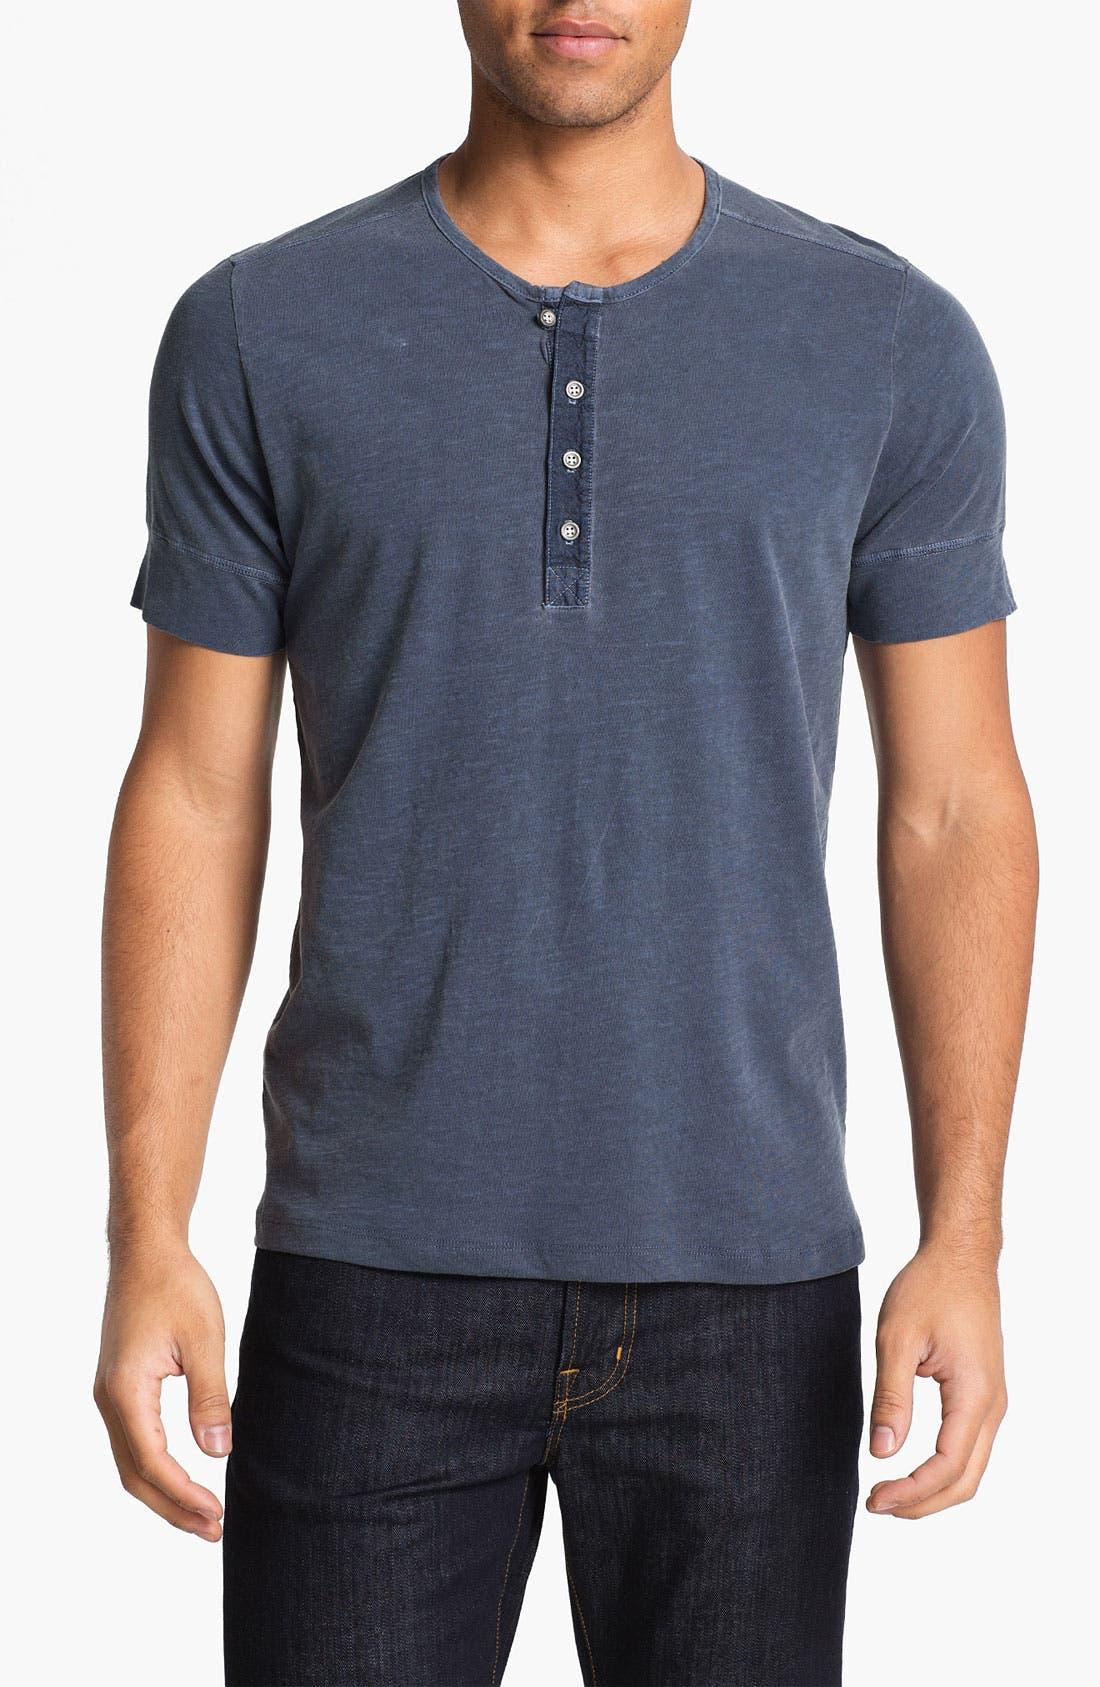 Alternate Image 1 Selected - AG Jeans Short Sleeve Henley T-Shirt